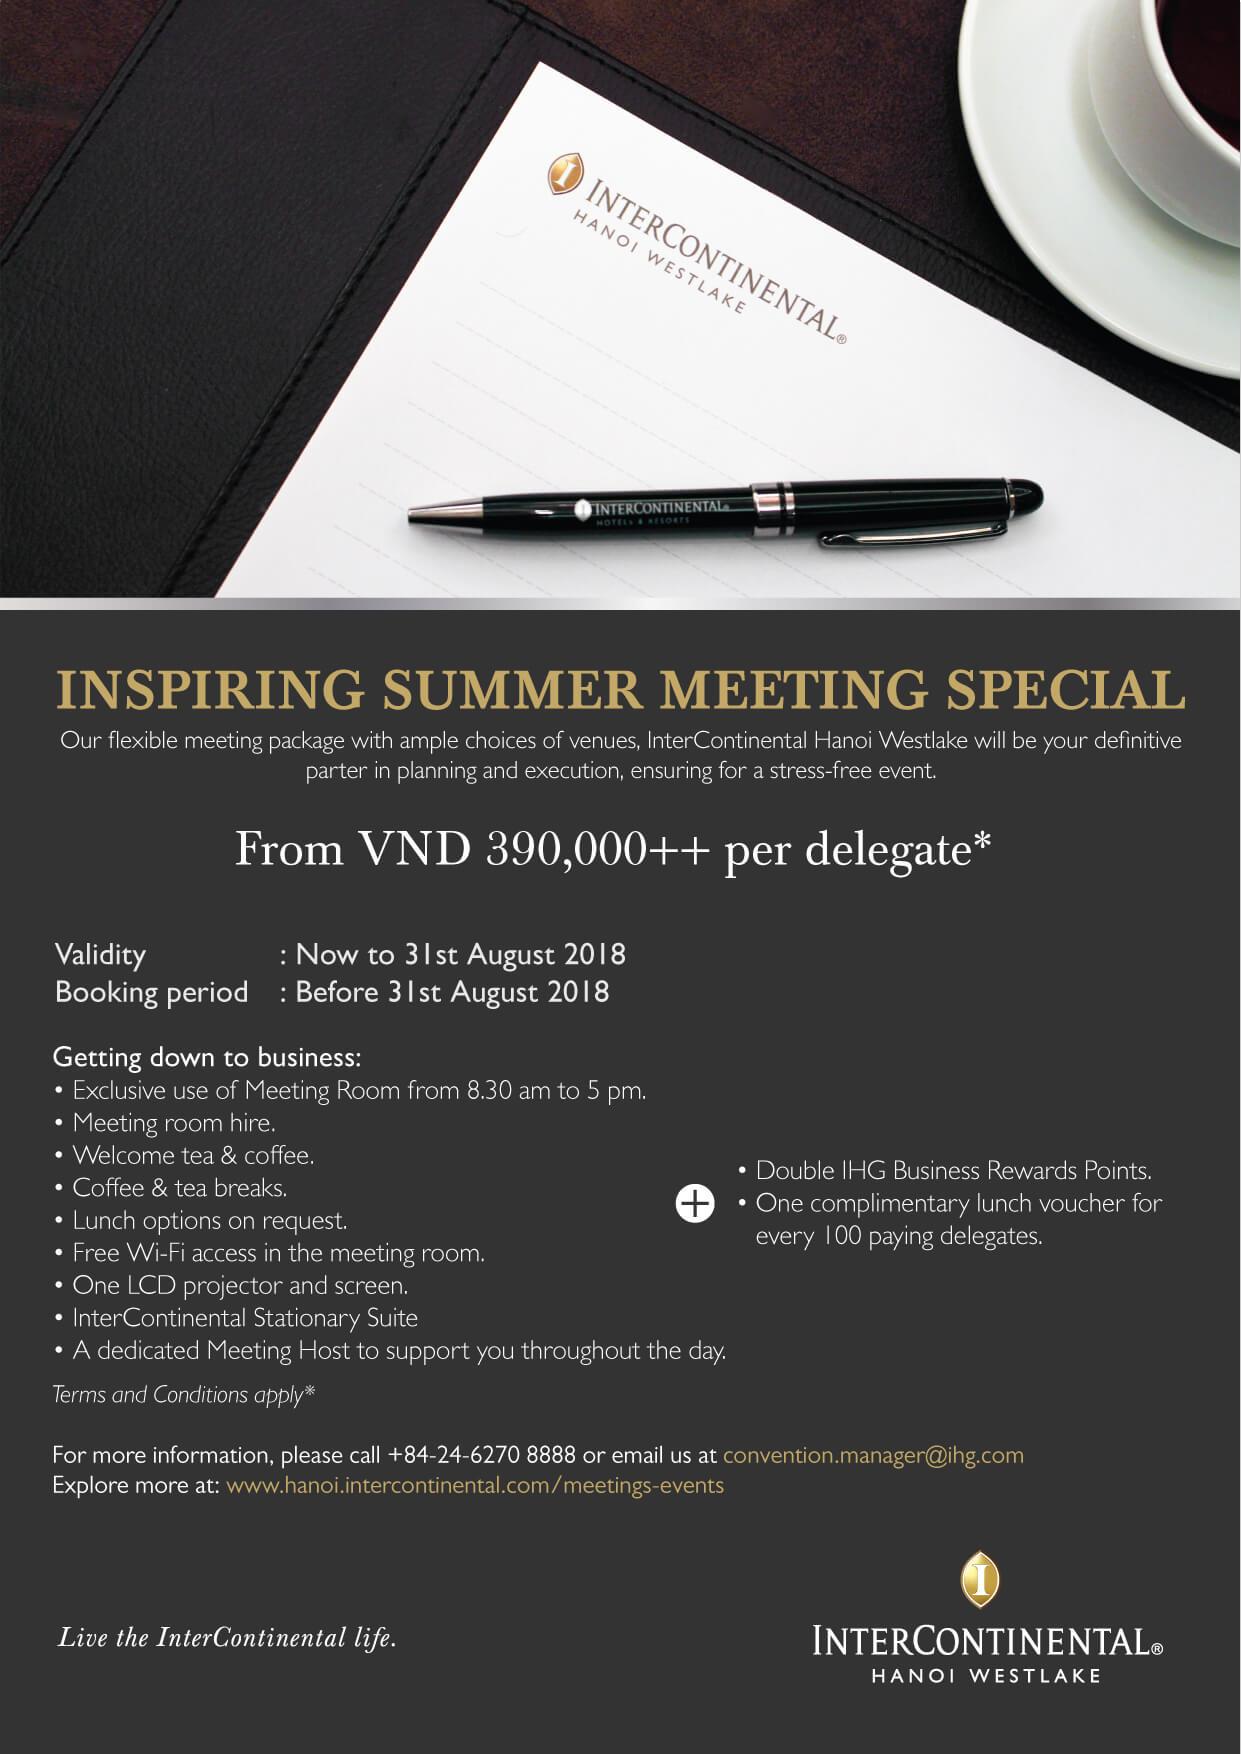 InterContinental Hanoi Westlake: Summer meeting package